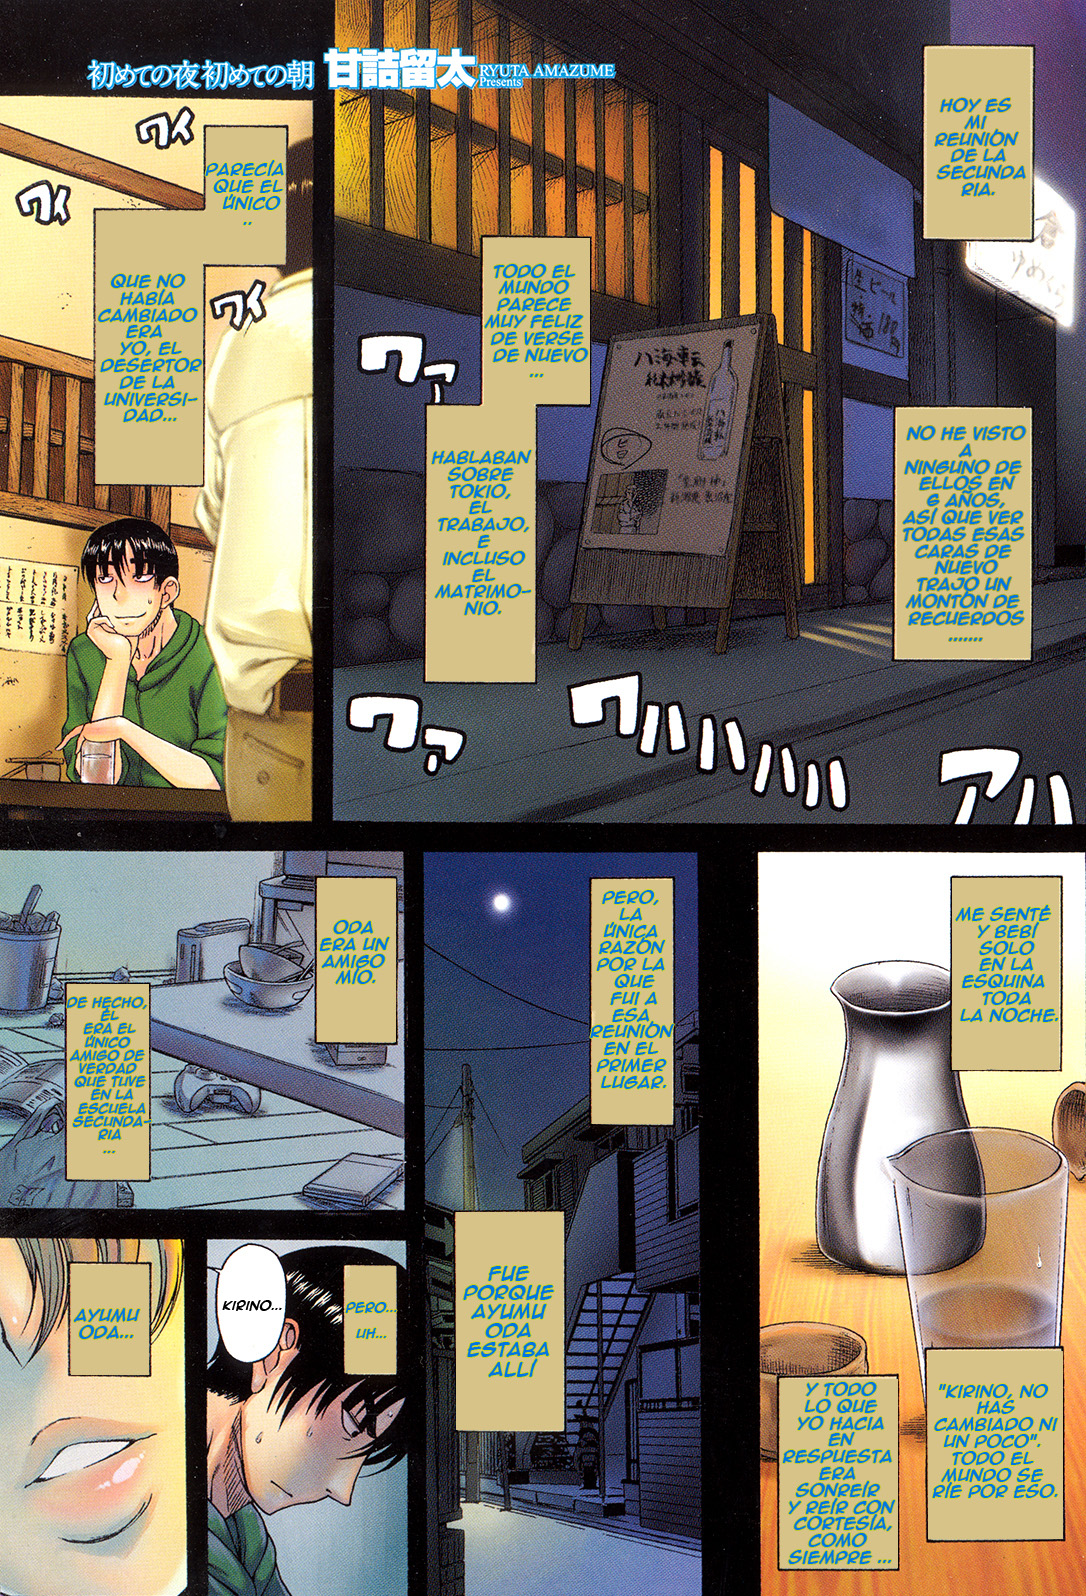 https://c5.ninemanga.com/es_manga/15/16911/406150/1e0b98ffbf6e647bbcfb5f1032f21ce5.jpg Page 1